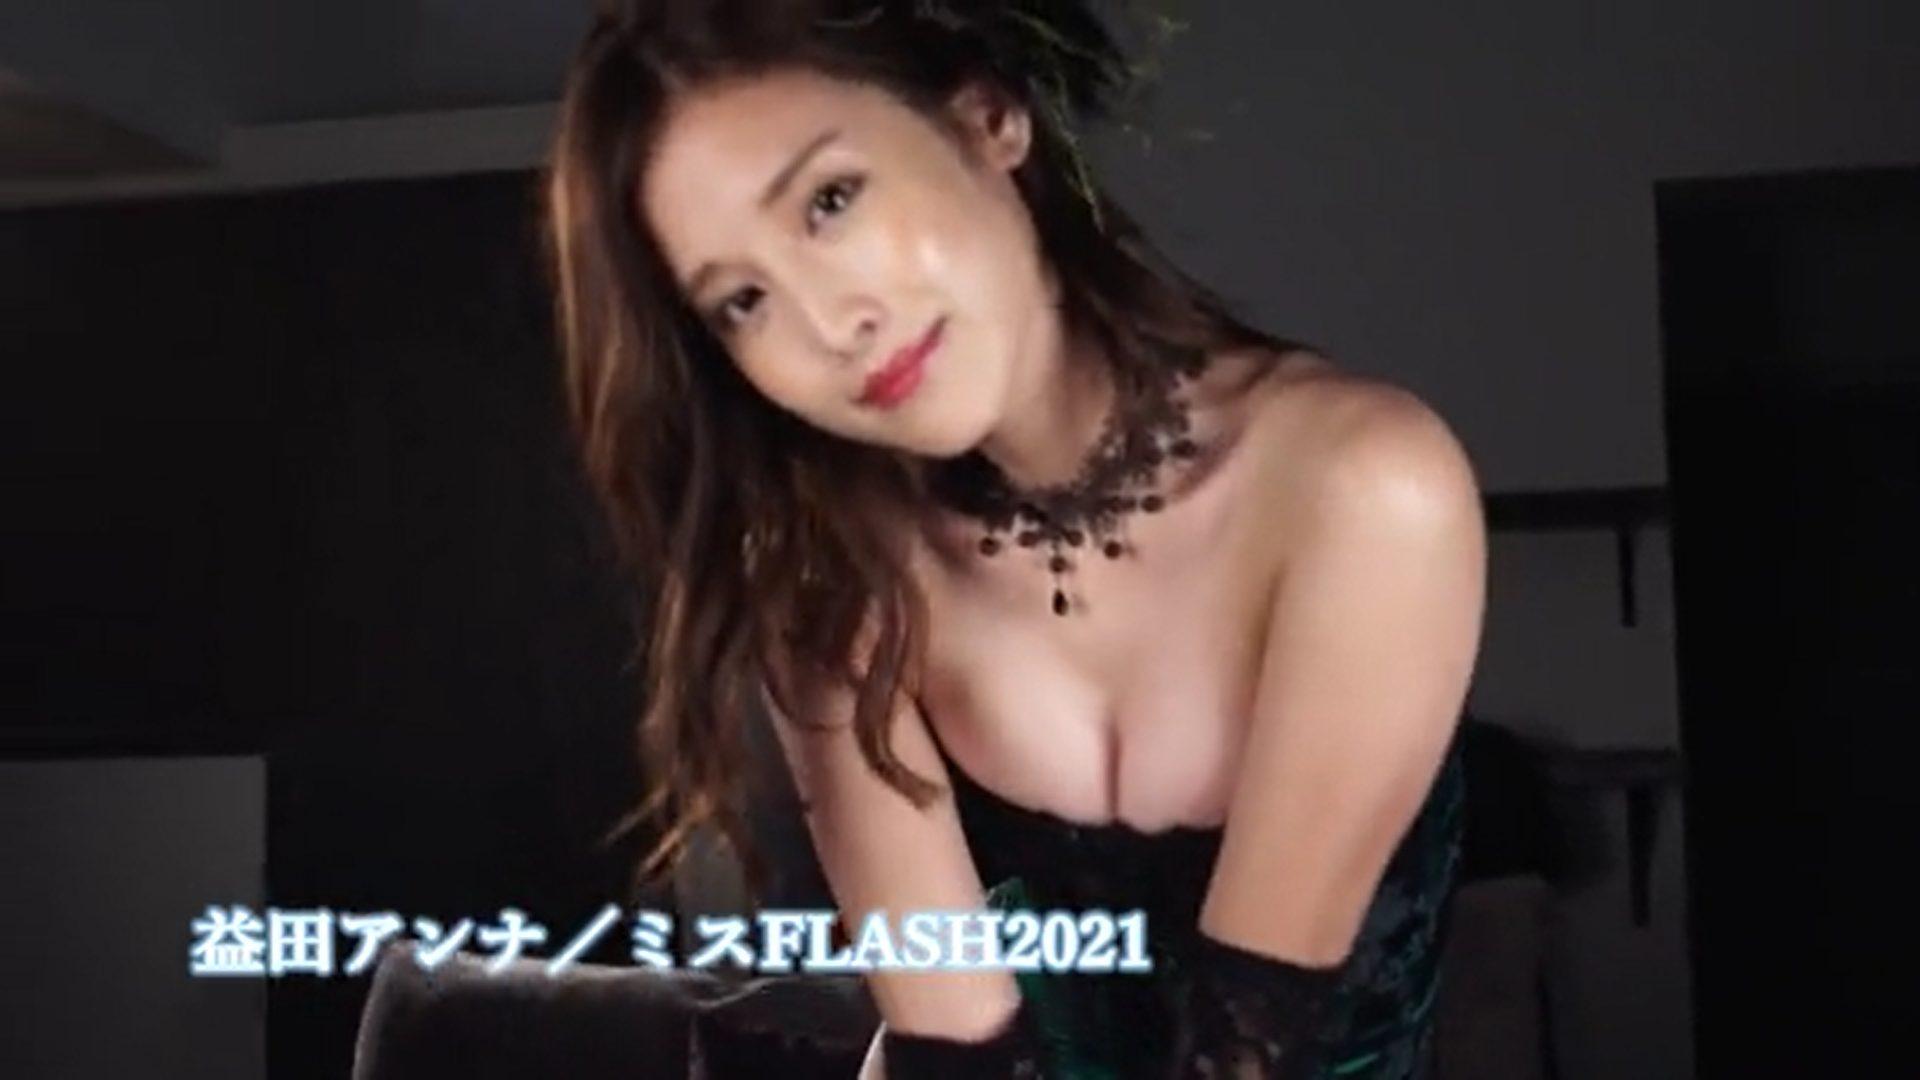 【益田アンナ】Dカップ2 「ミスFLASH2021」サンプル動画